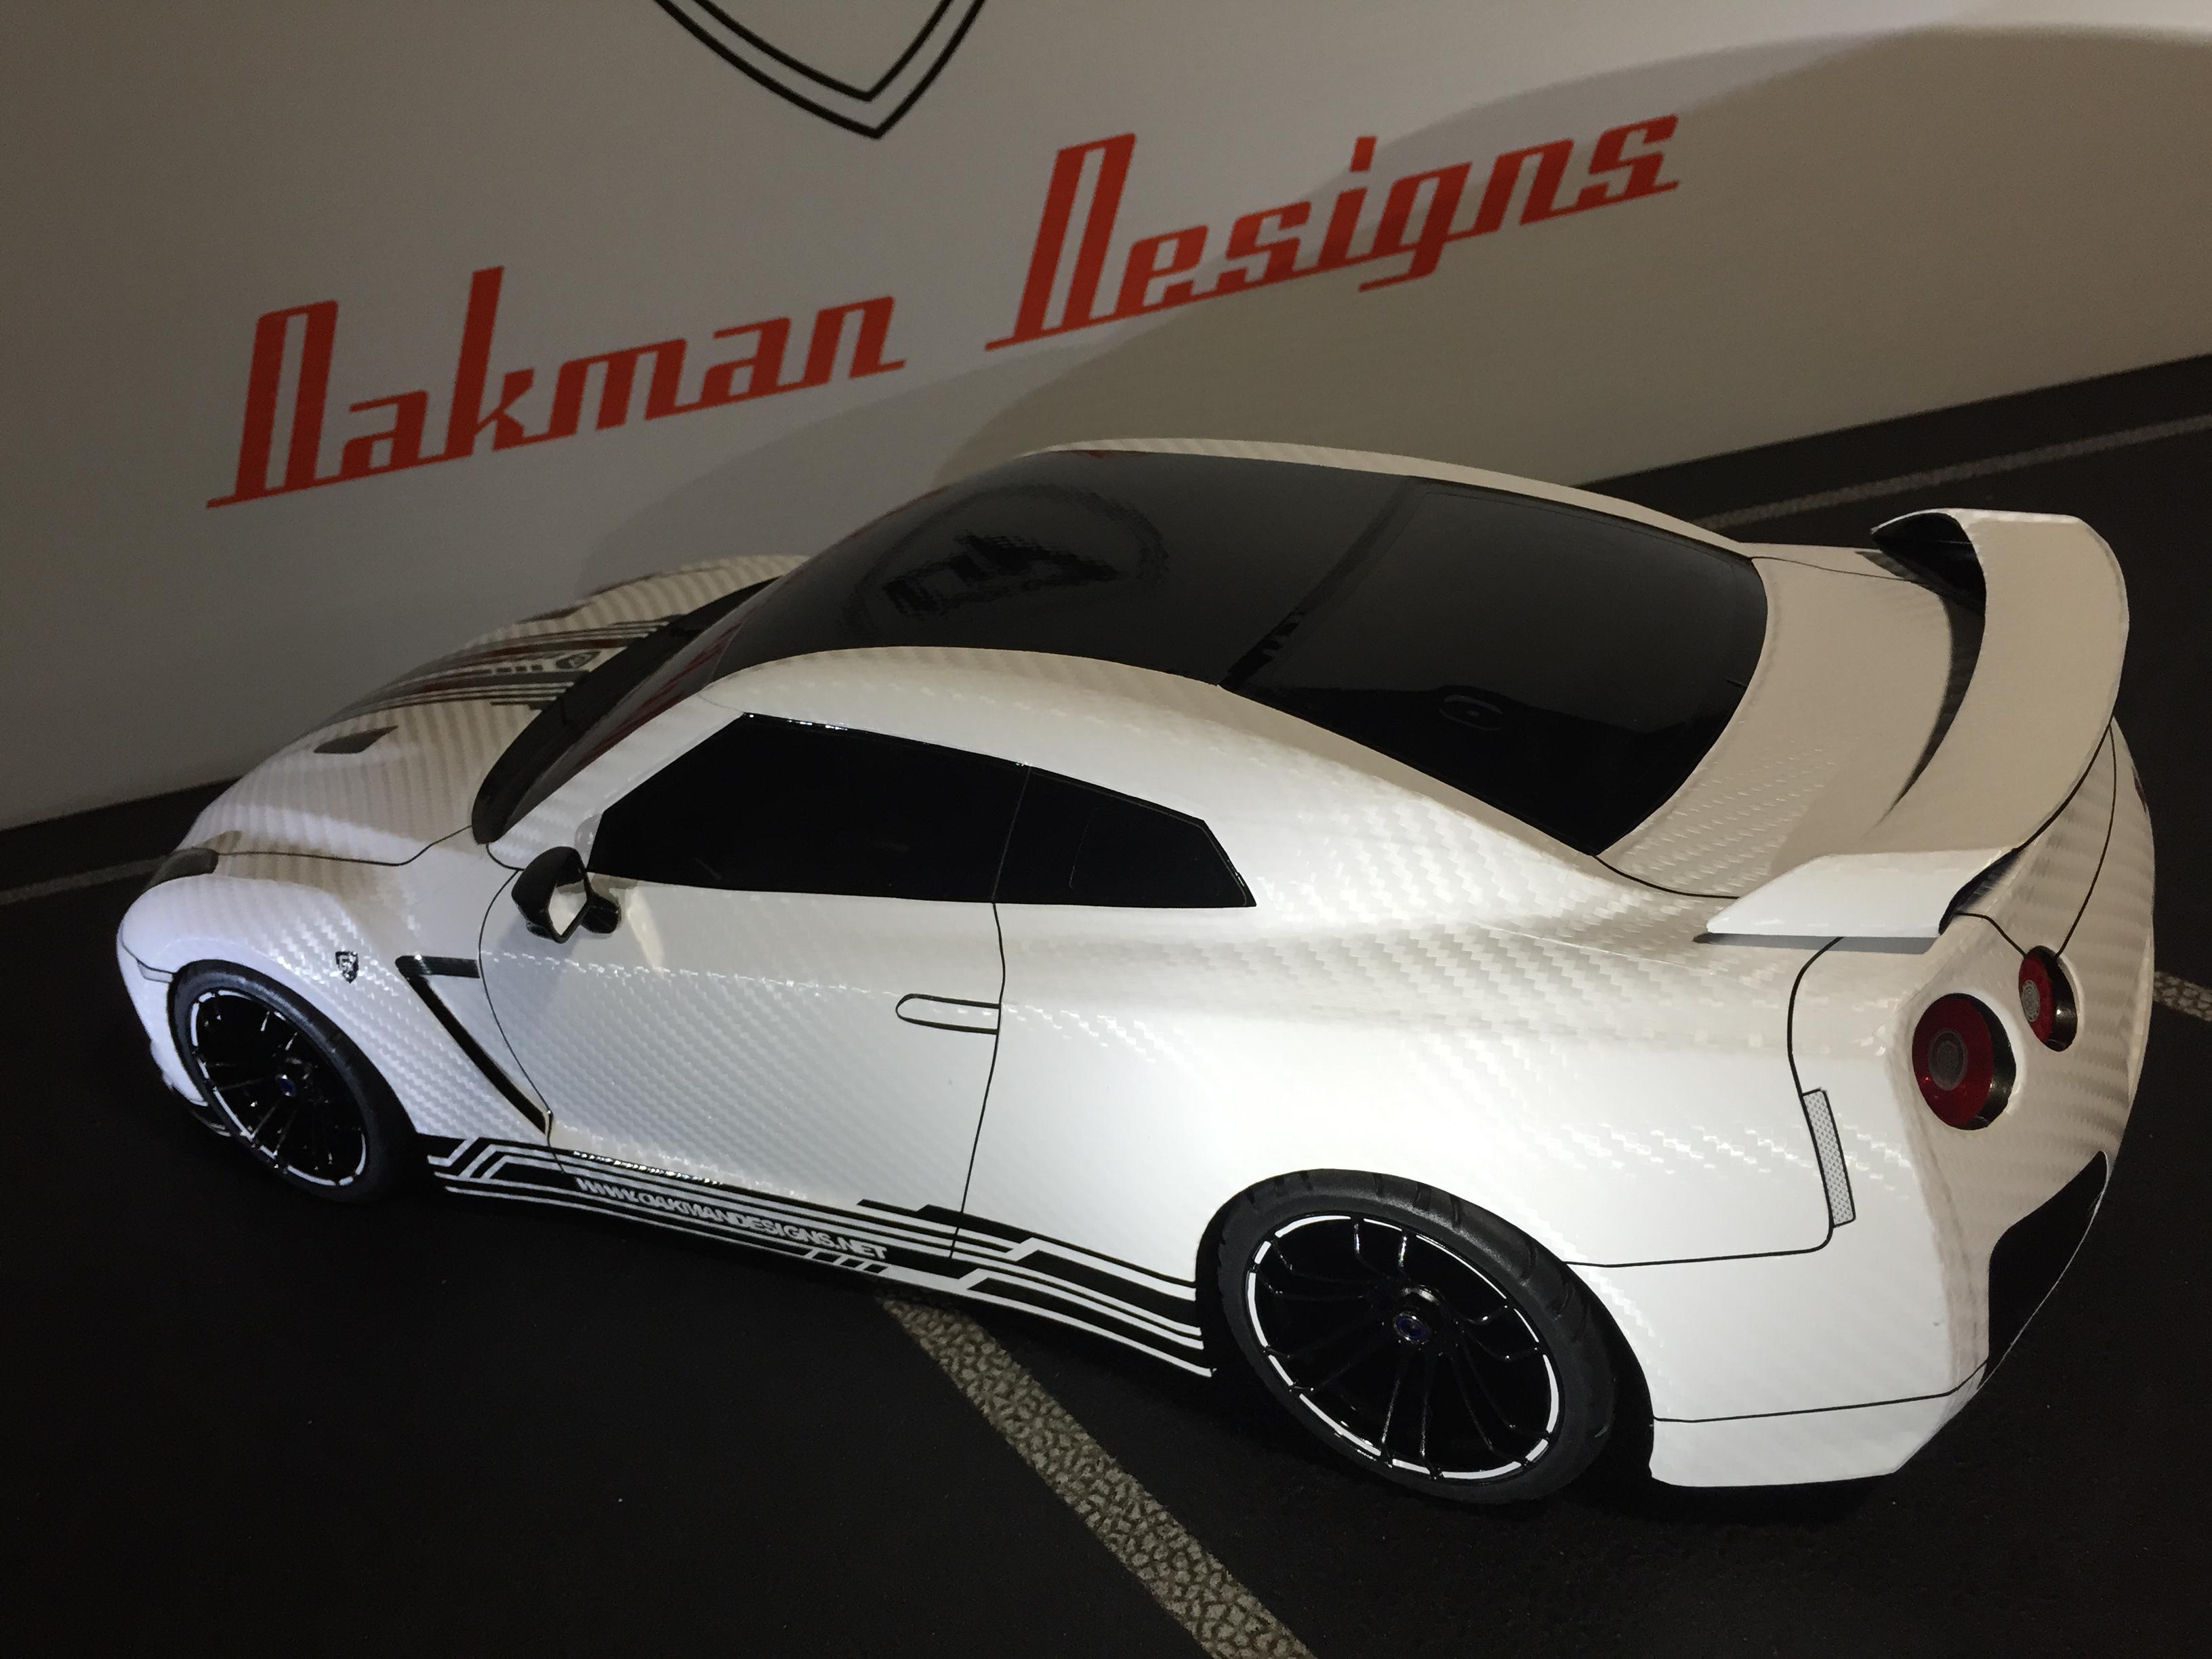 bugatti chiron rc car html with Custom Nissan Skyline Drift on Lamborghini Veneno Bugatti Veyron as well Bugatti Veyron also Toy Bugatti furthermore 32788318900 also Bugatti Chiron Is Official 1500.